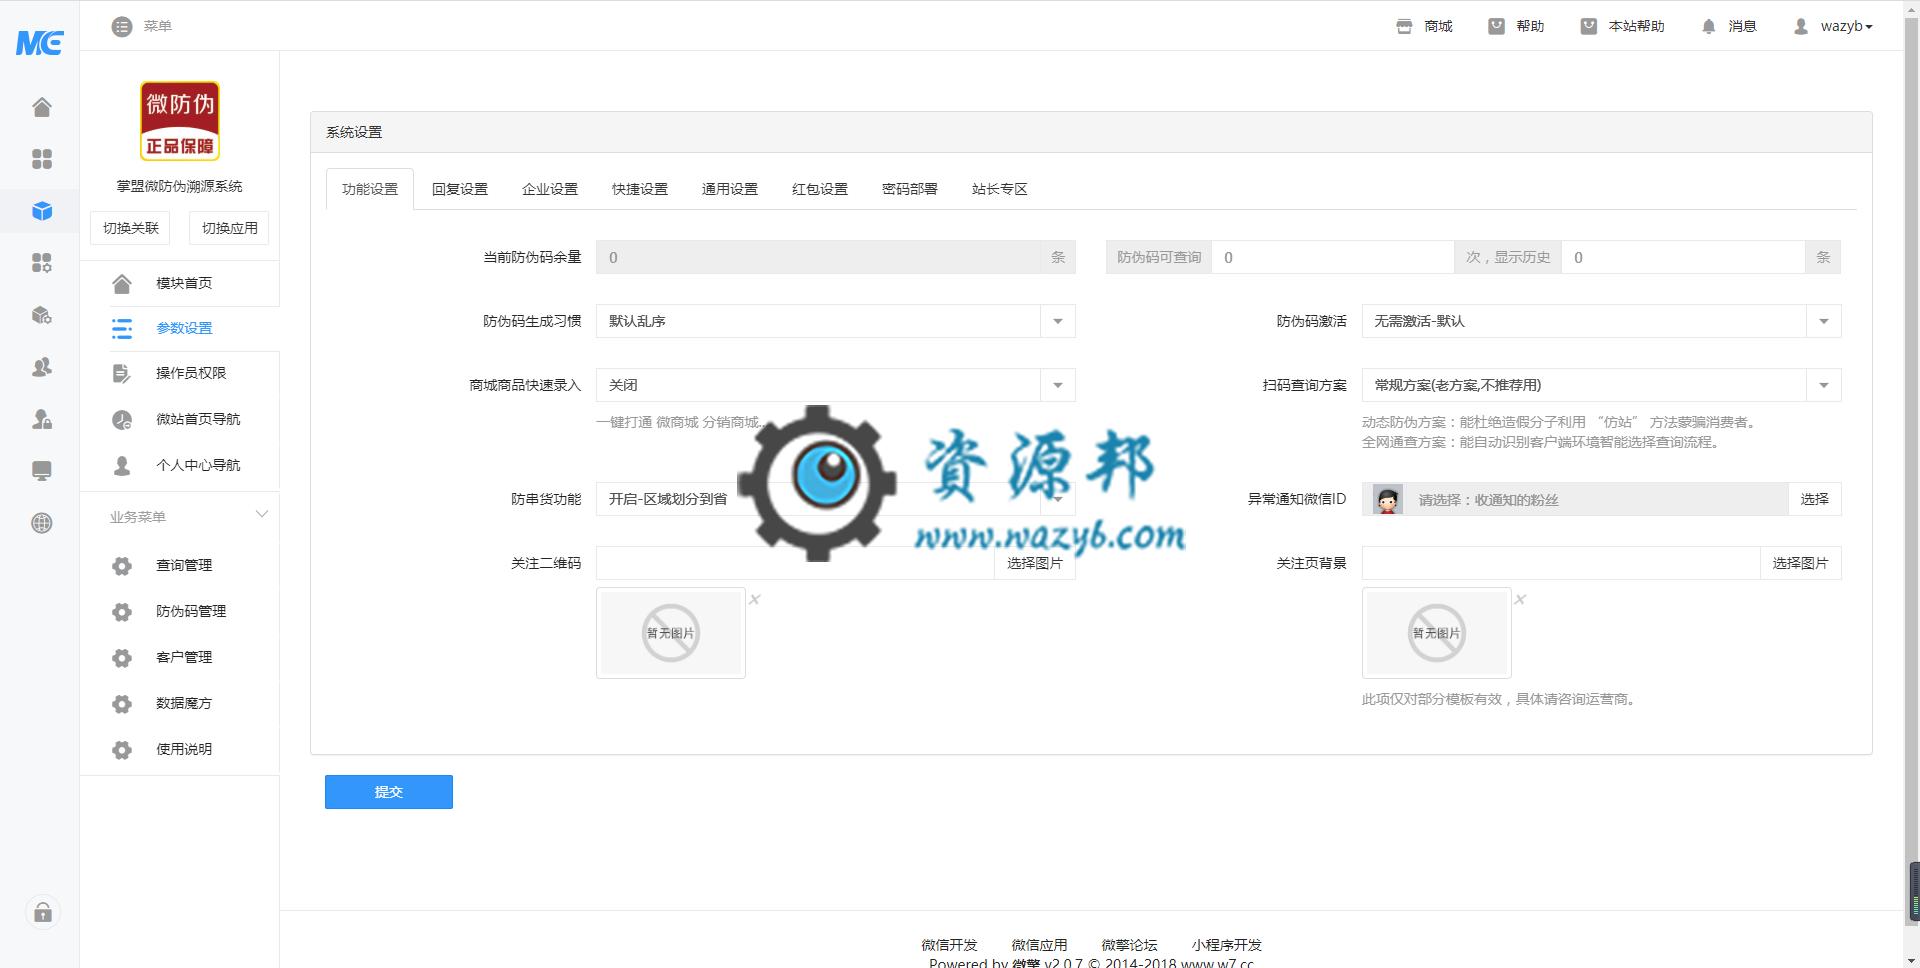 【公众号应用】掌盟微防伪溯源系统V2.0.21完整安装包,更新UBG 公众号应用 第2张